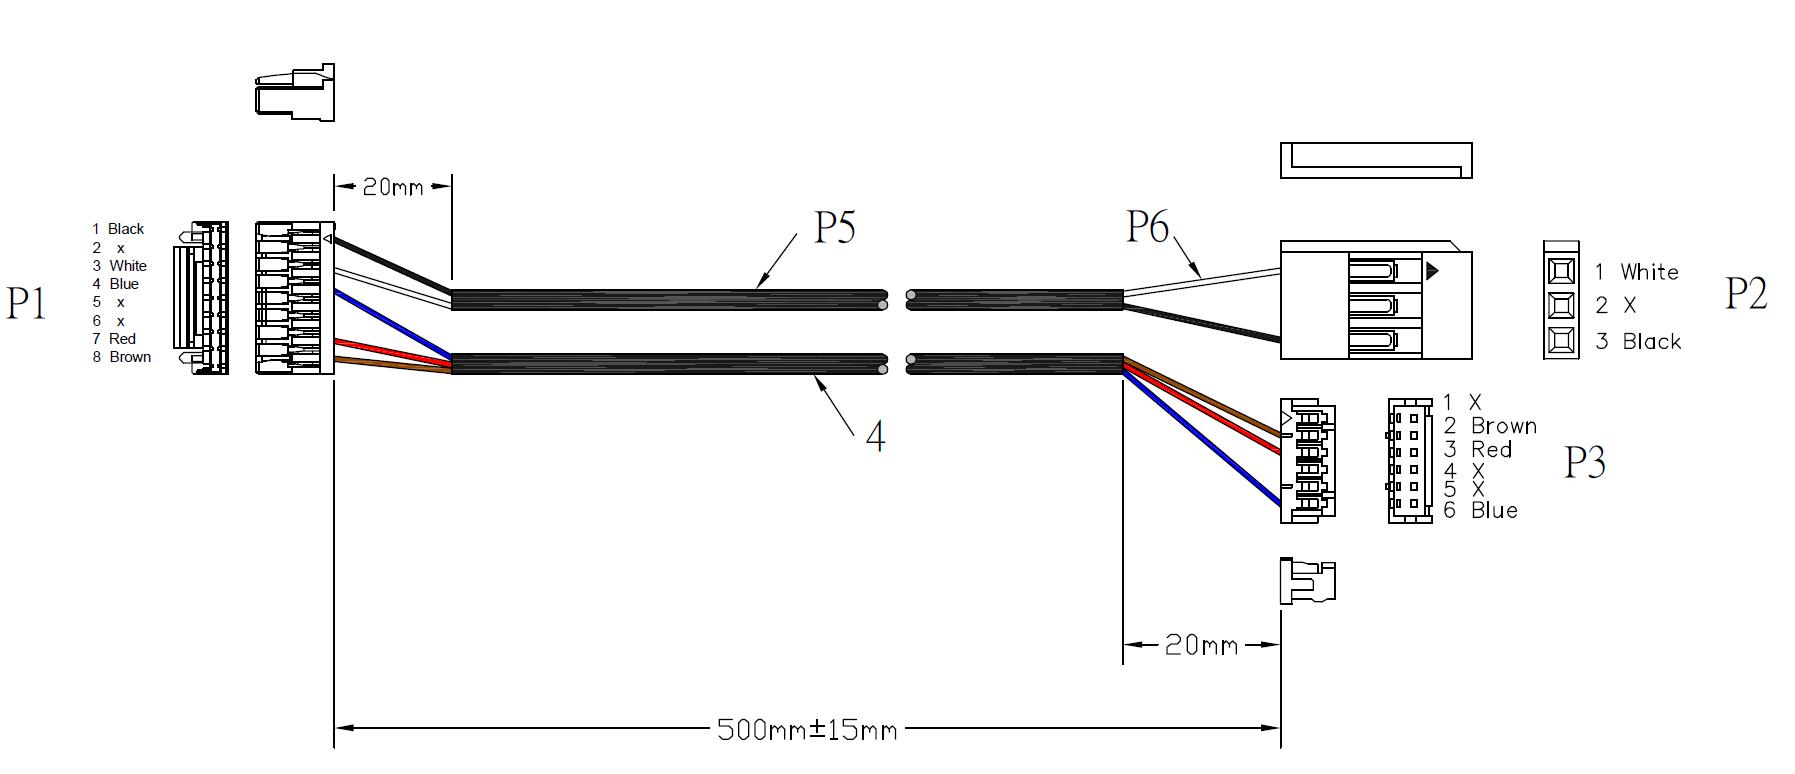 Ic Bus Wiring Diagram